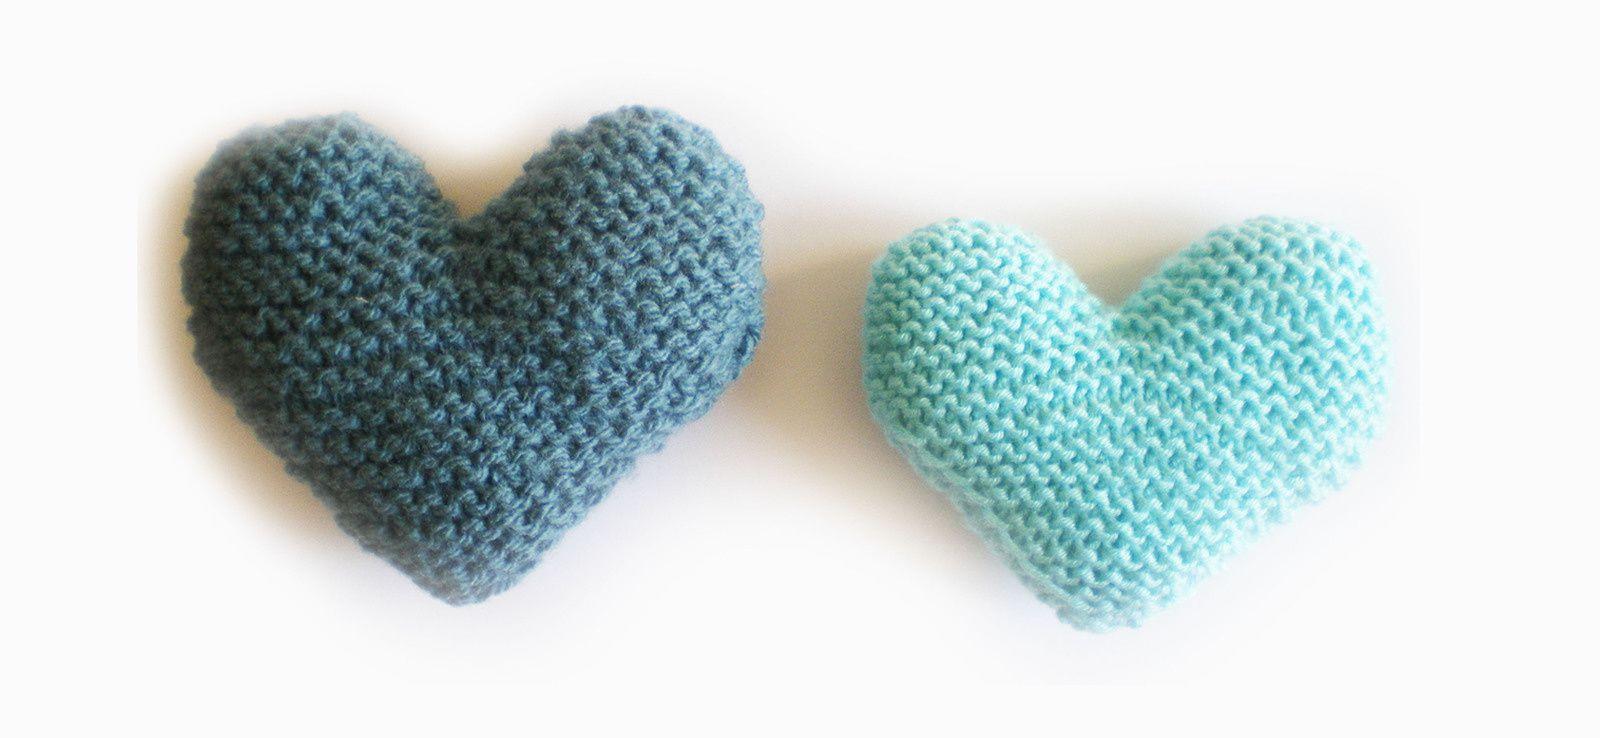 Des petits coeurs bleus pour l'association Ninoo